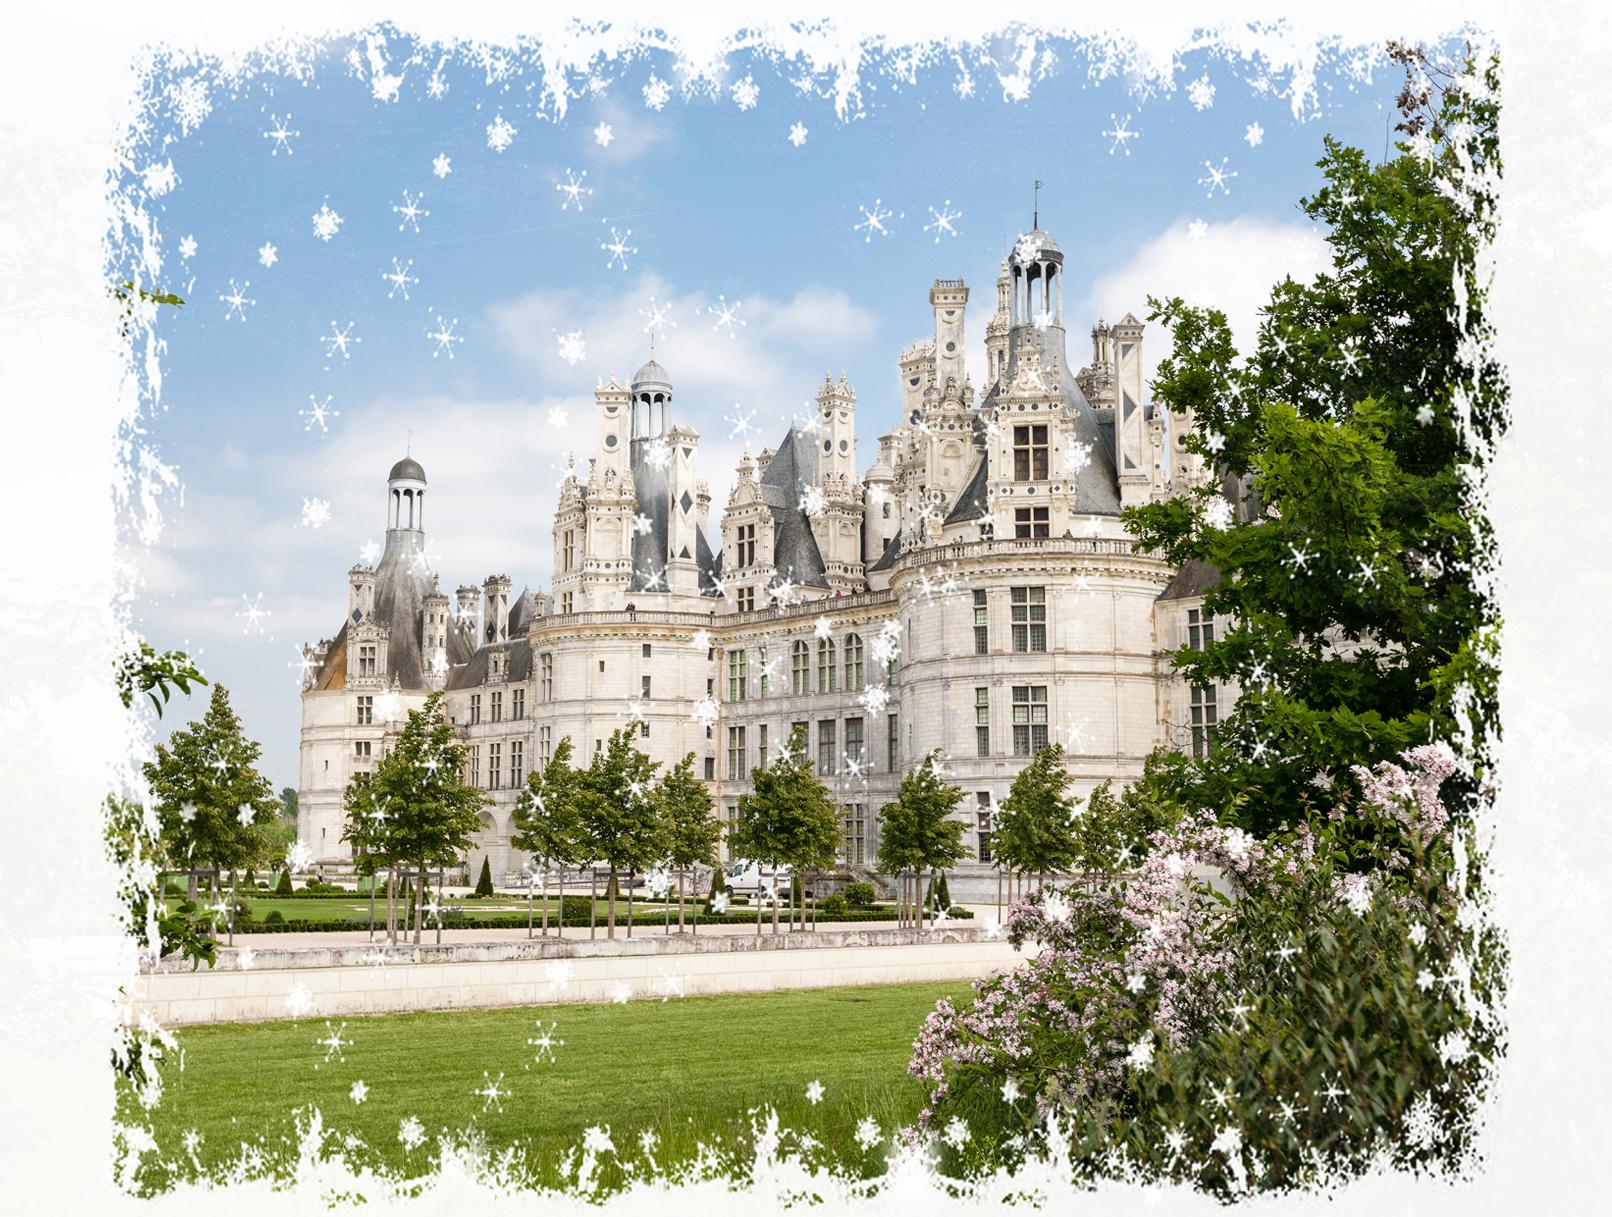 Visite Royale à Chambord